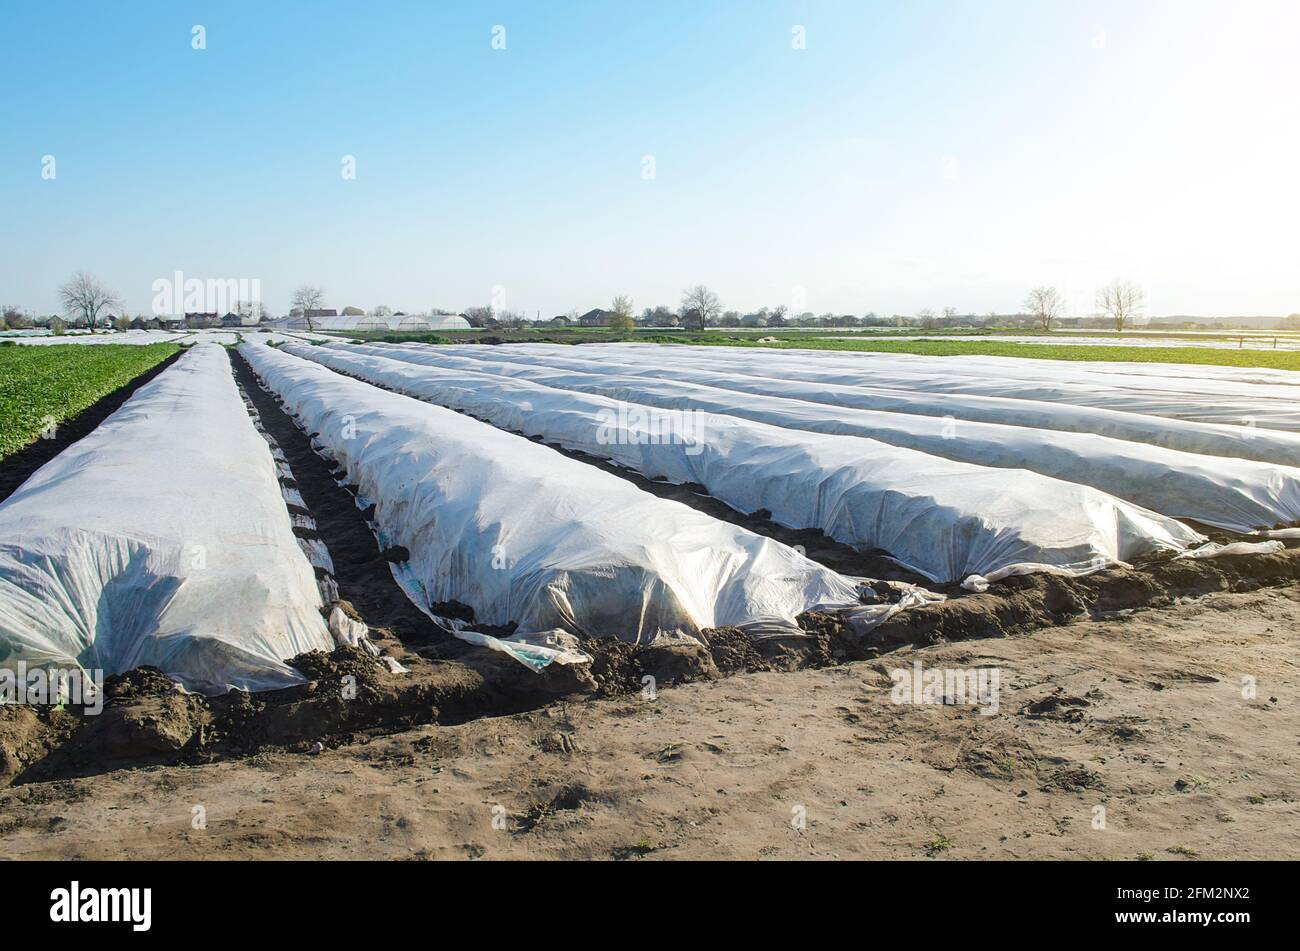 El campo de plantación de papa de granja está cubierto con tejido agrícola no tejido de espunbond. Tecnologías modernas en la agricultura. Las patatas anteriores, el cuidado de un Foto de stock